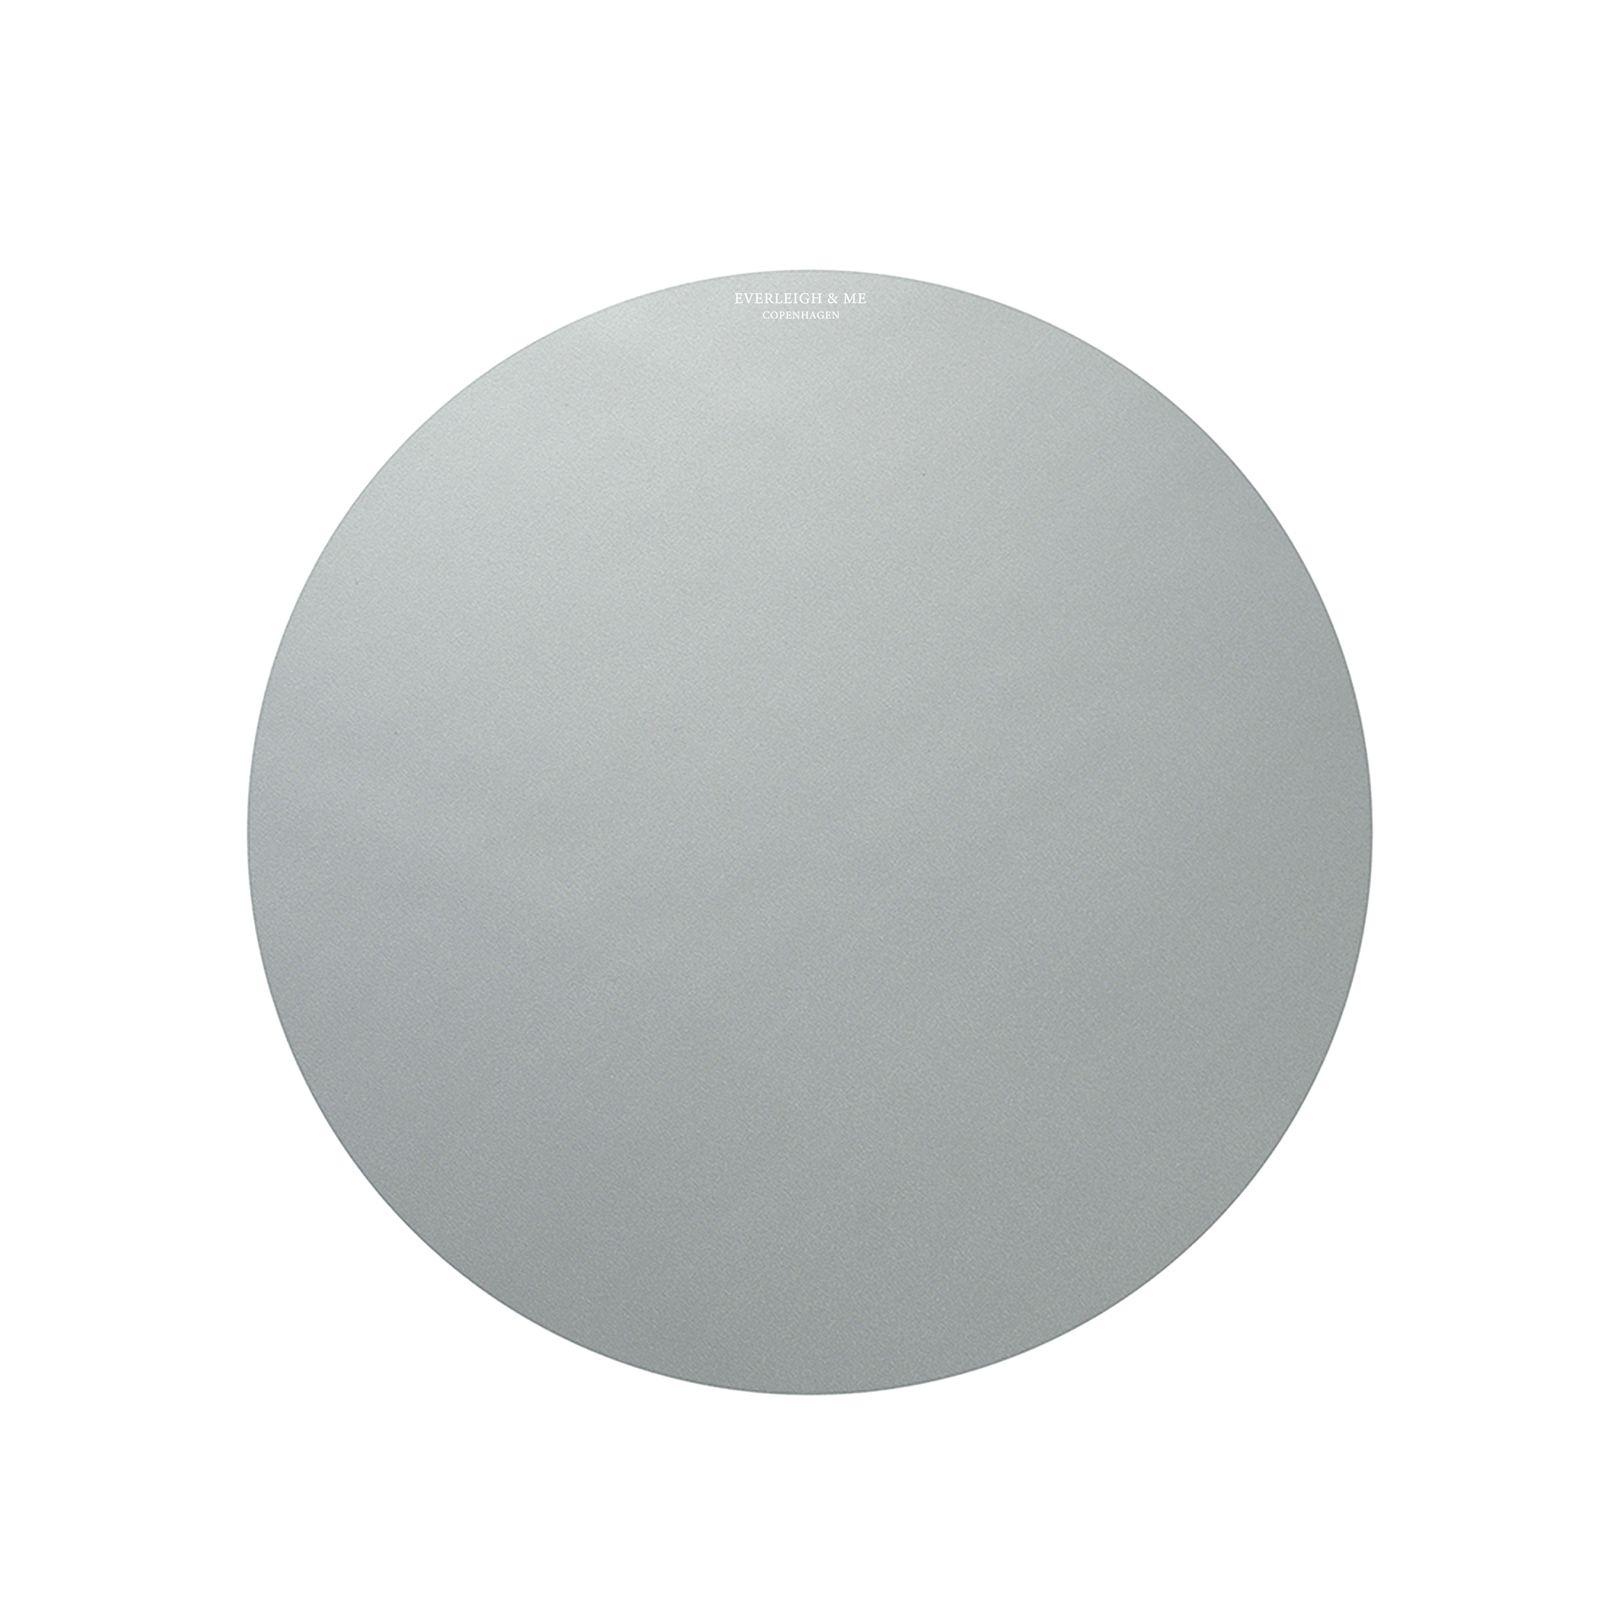 Everleigh & Me - Splat Mat, Charcoal (38CHARCOAL)